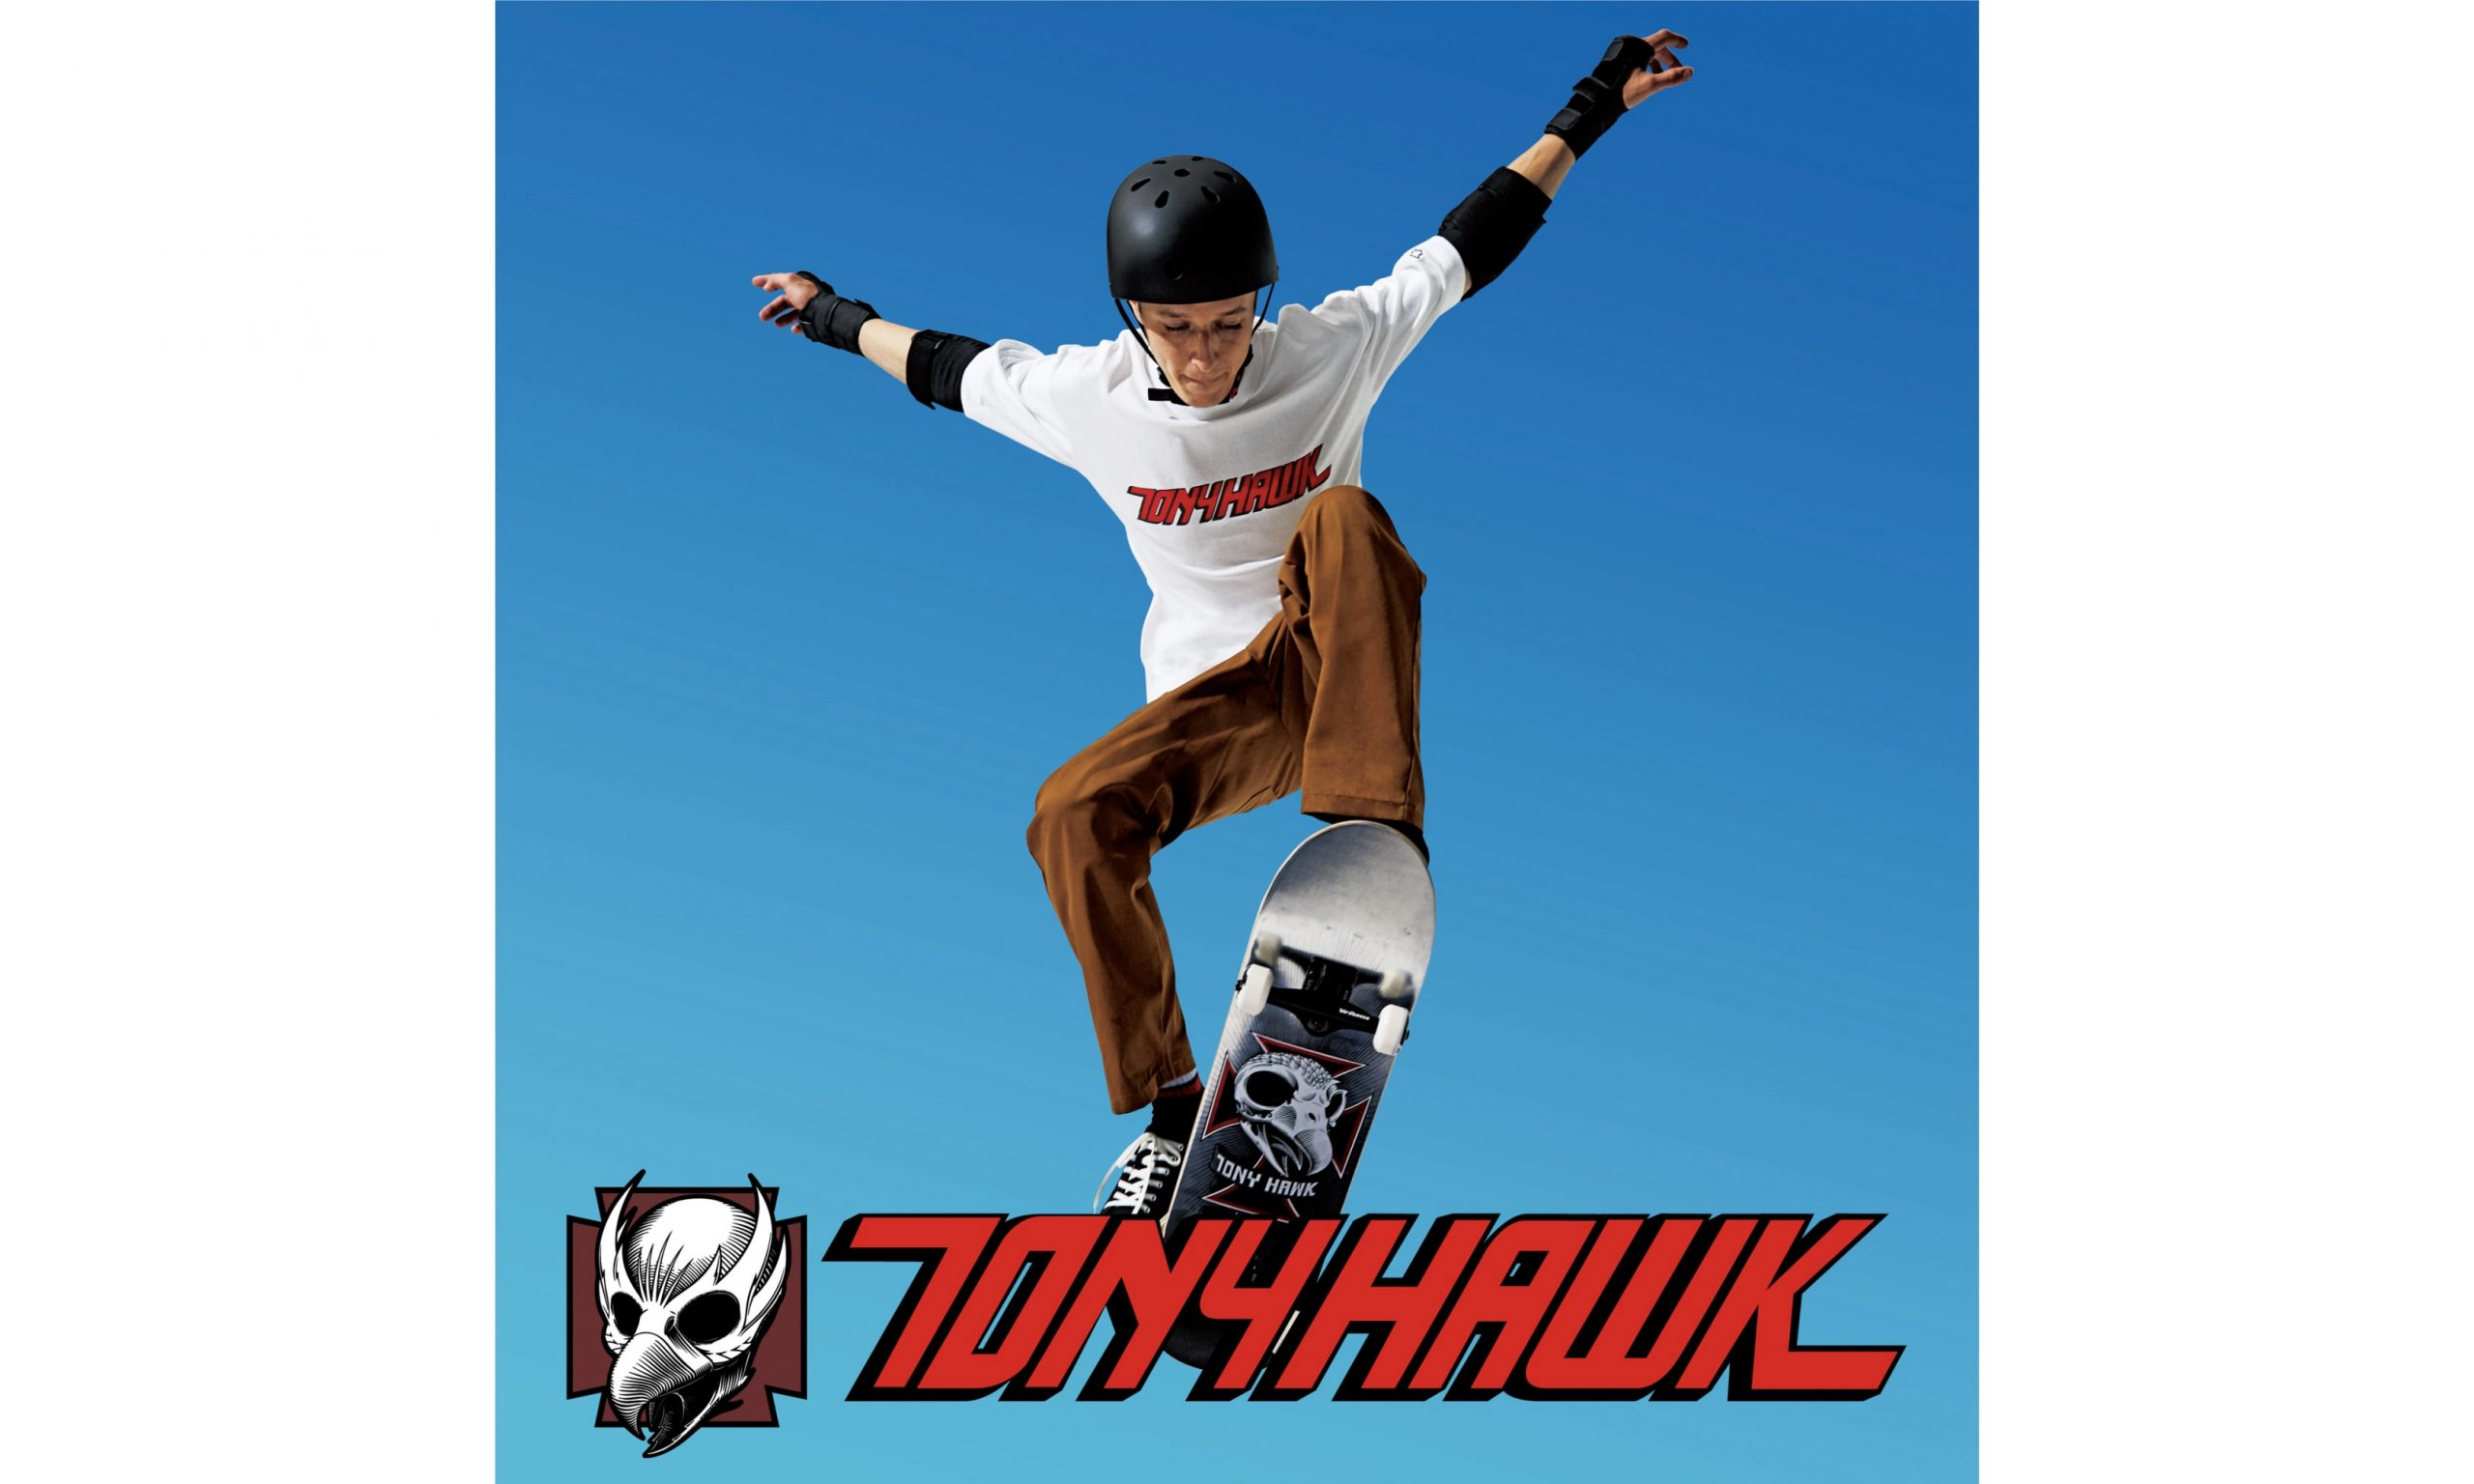 GU 携手滑手 Tony Hawk 打造全新合作系列